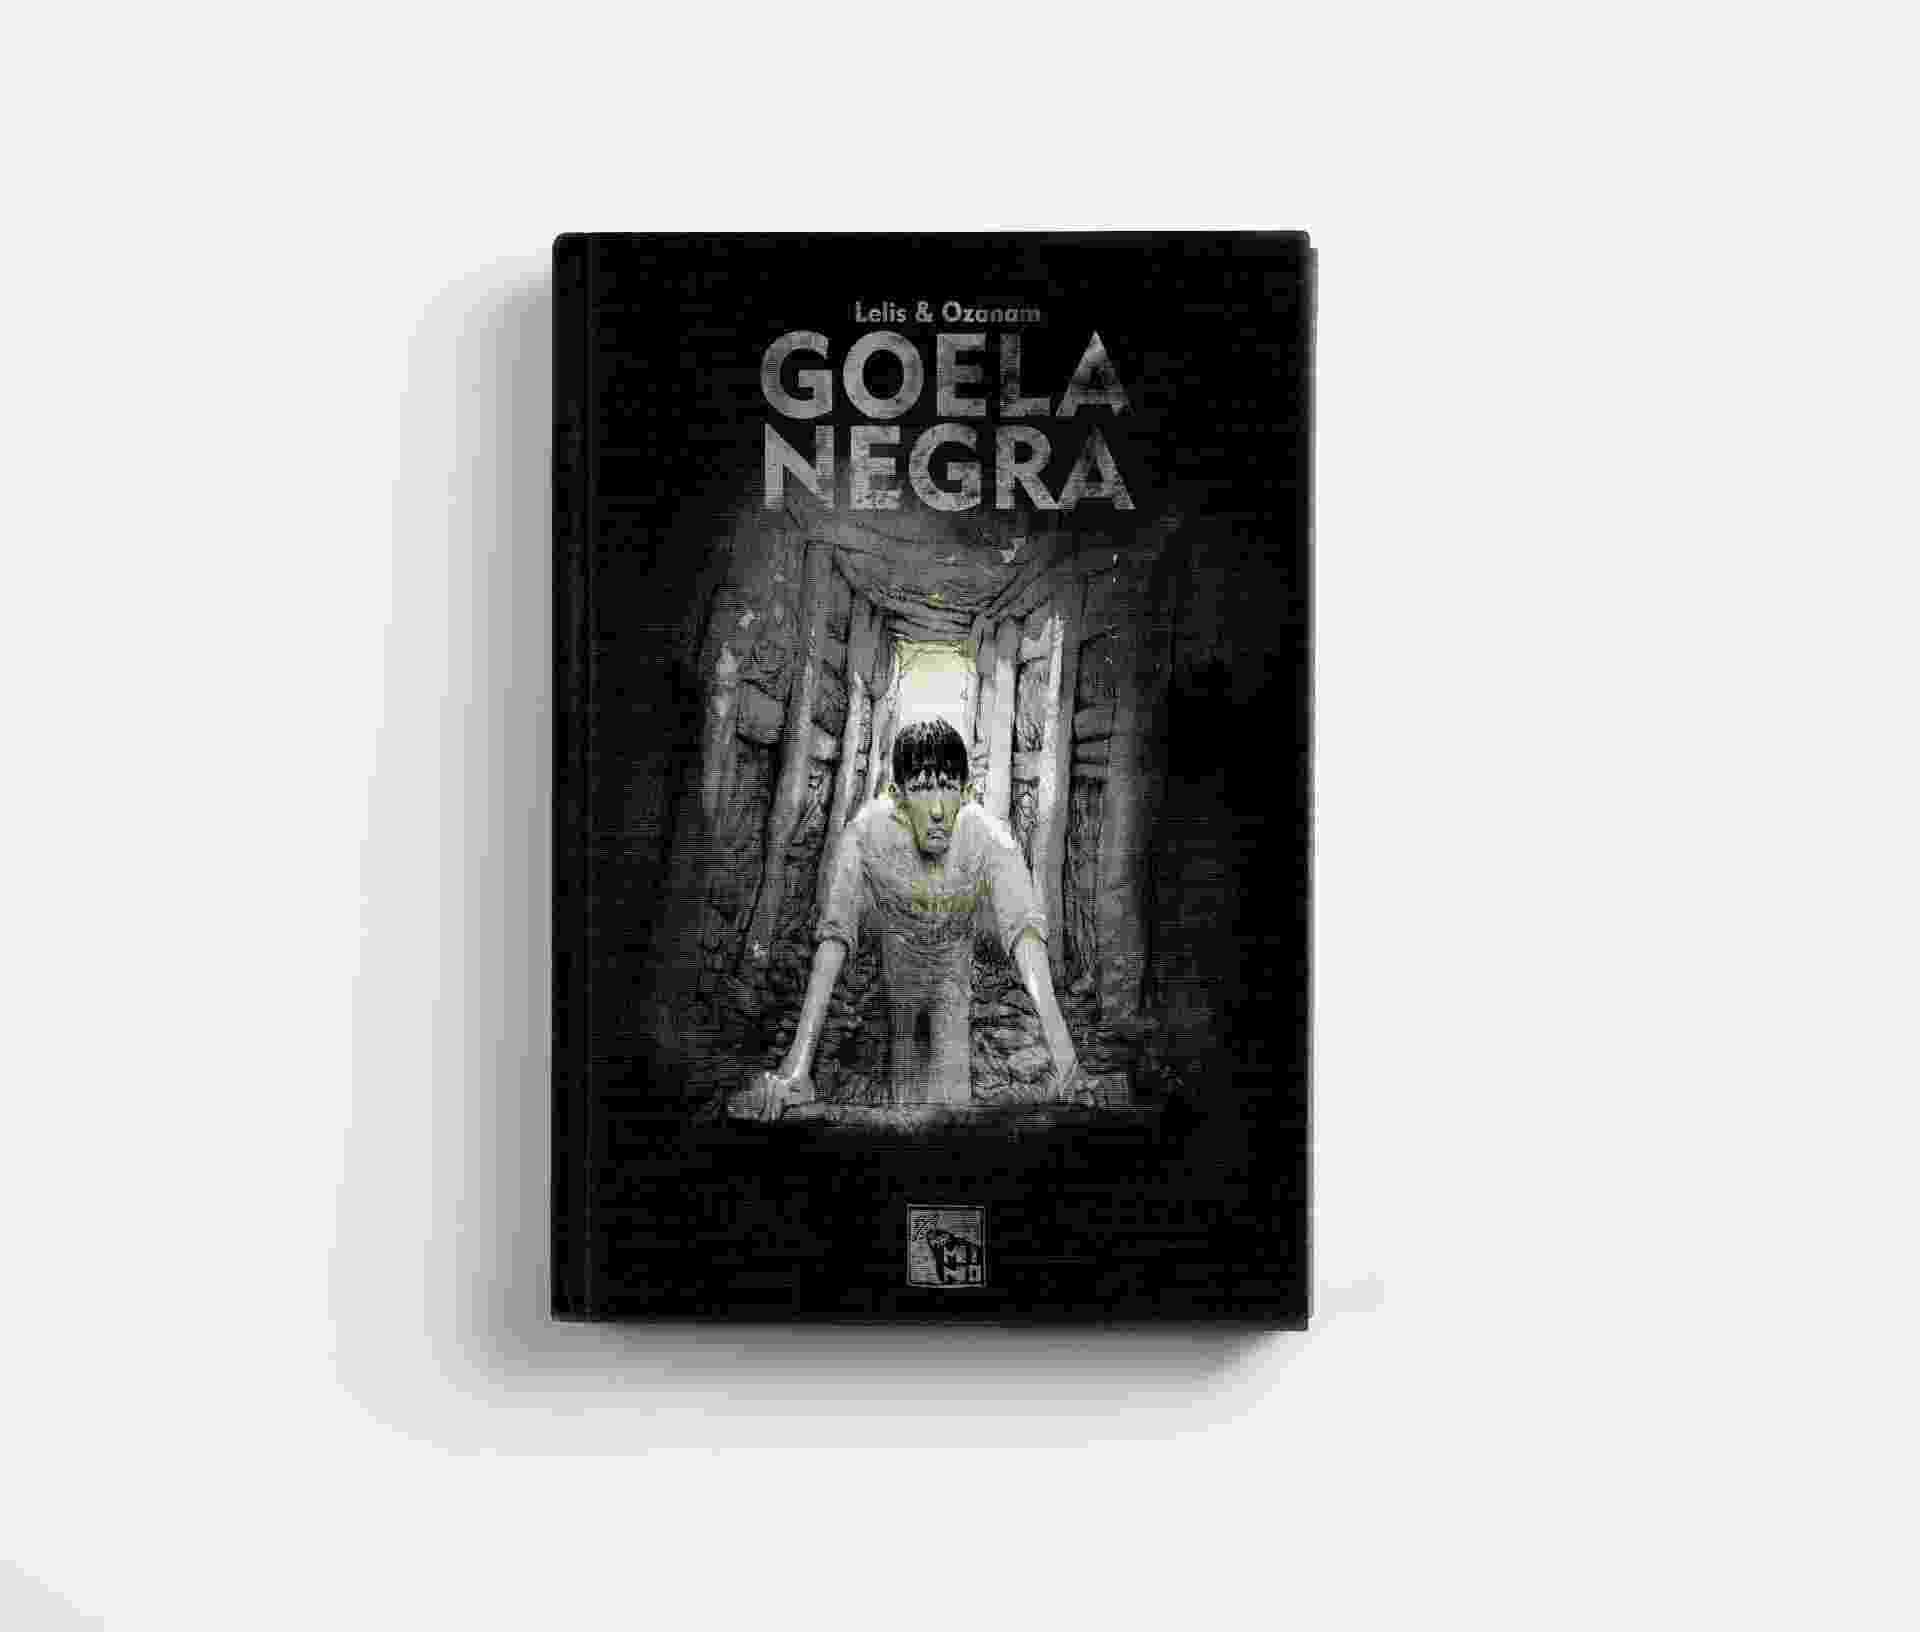 """Capa da HQ """"Goela Negra"""", de Antoine Ozanan, ilustrada pelo brasileiro Lelis - Divulgação"""